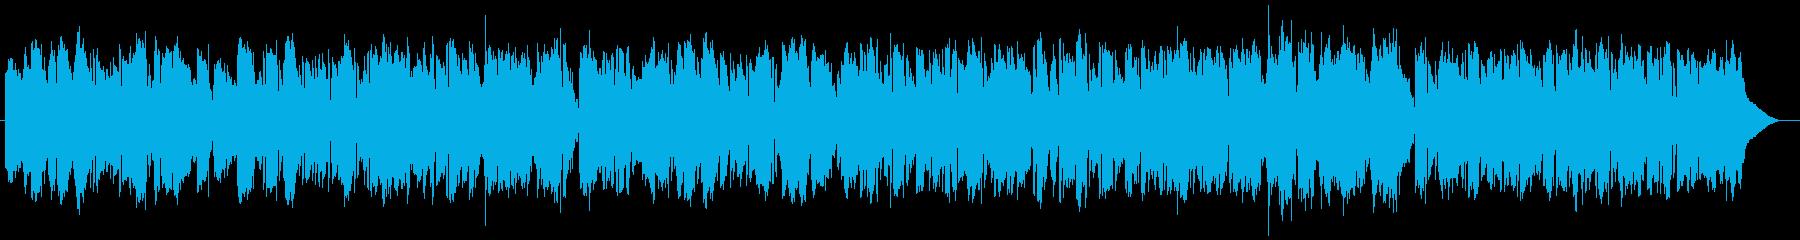 切なく感動的なストリングスバラードの再生済みの波形